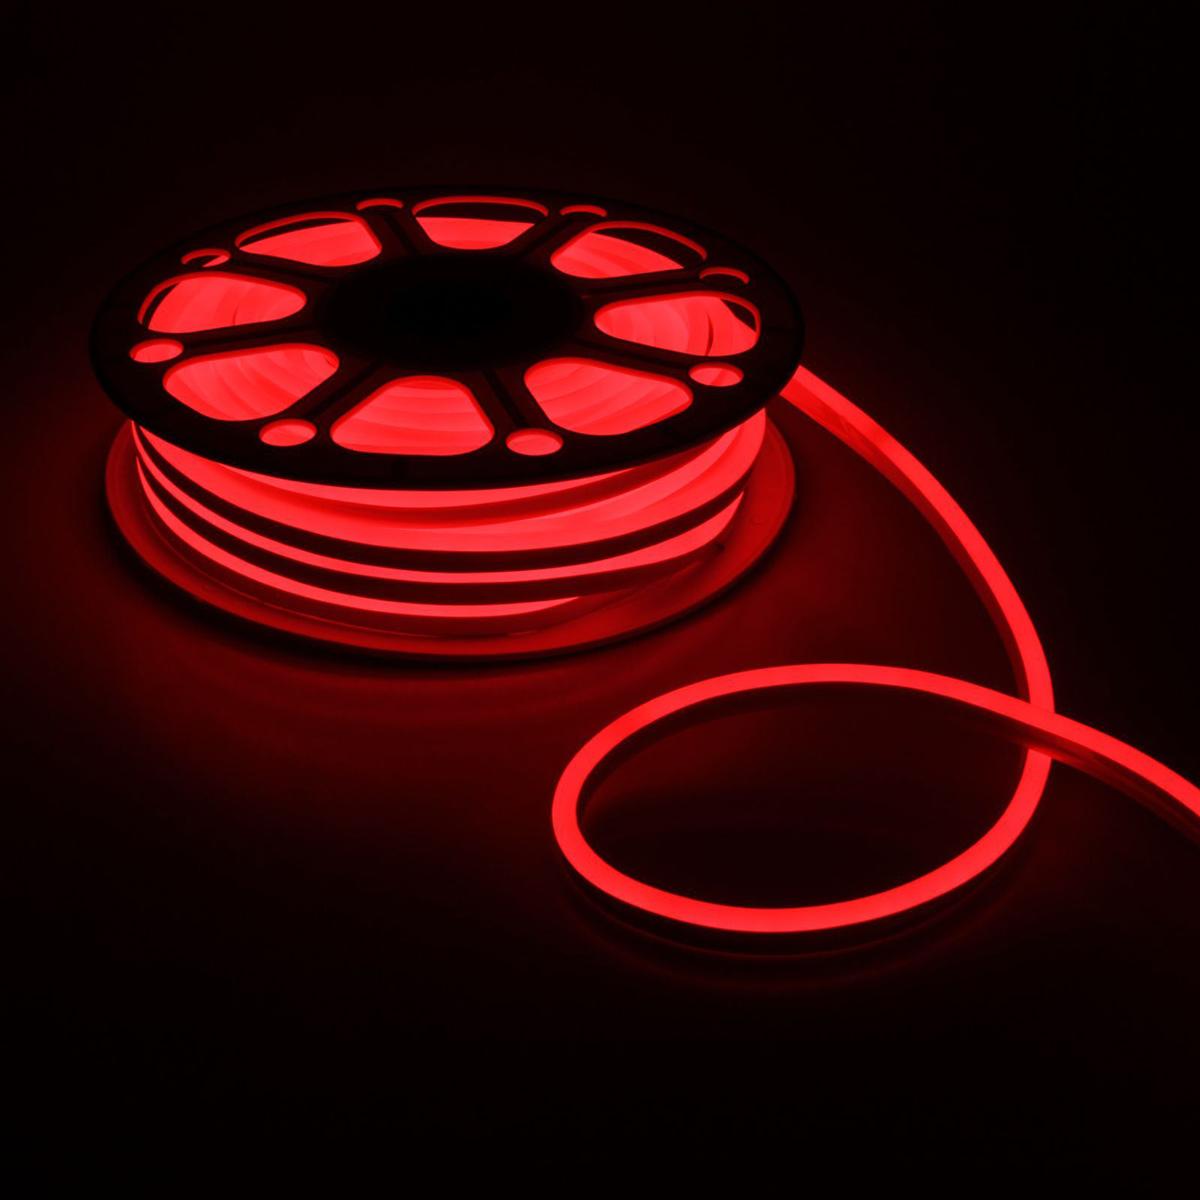 Гирлянда светодиодная Luazon, 120 ламп, 220 V, цвет: красный, 0,8 см х 1,6 см х 25 м. 14312521431252Светодиодные гирлянды, ленты и т.д — это отличный вариант для новогоднего оформления интерьера или фасада. С их помощью помещение любого размера можно превратить в праздничный зал, а внешние элементы зданий, украшенные ими, мгновенно станут напоминать очертания сказочного дворца. Такие украшения создают ауру предвкушения чуда. Деревья, фасады, витрины, окна и арки будто специально созданы, чтобы вы украсили их светящимися нитями.